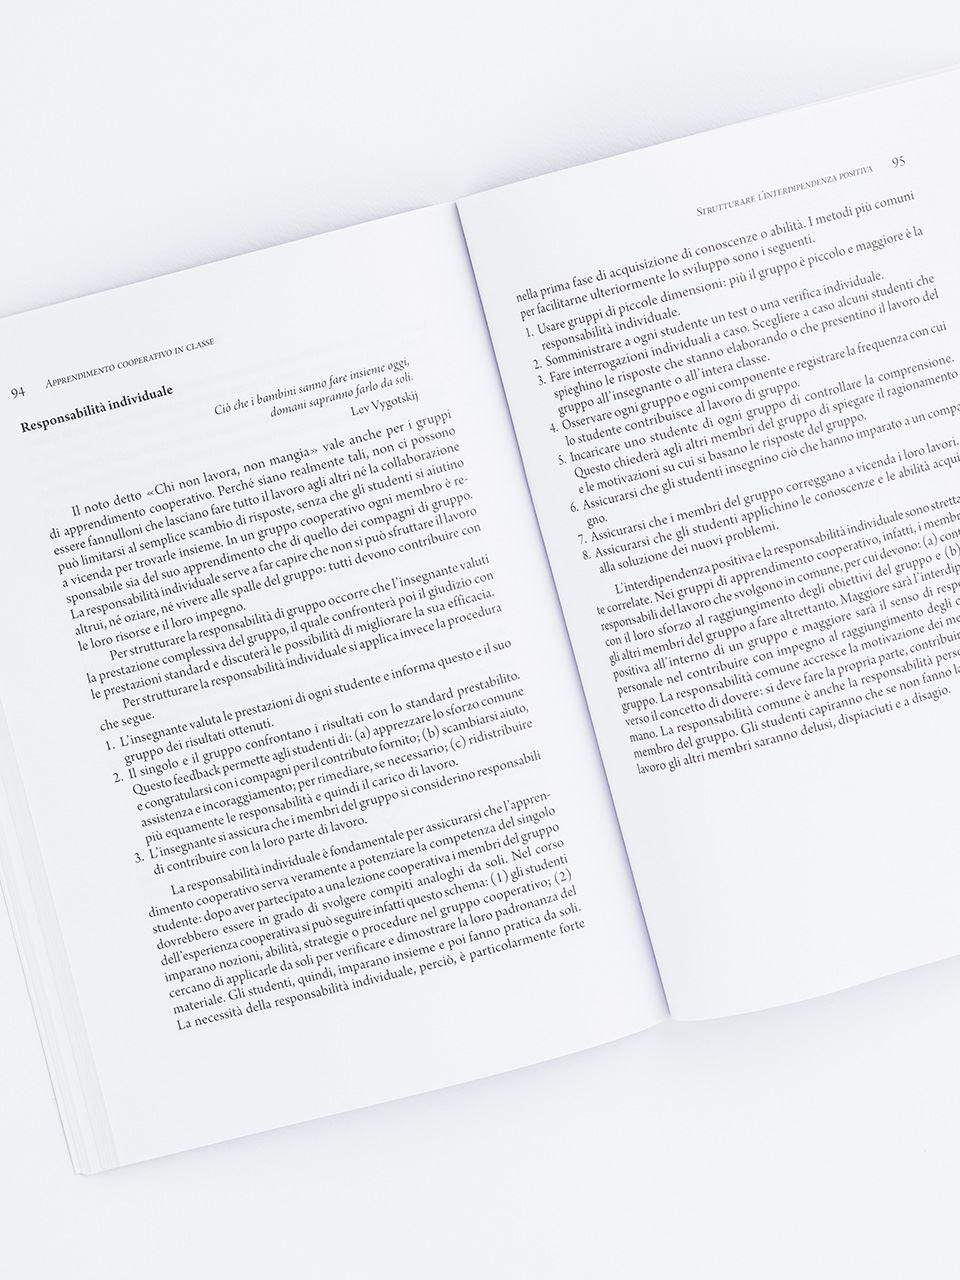 Apprendimento cooperativo in classe - Libri - Erickson 2